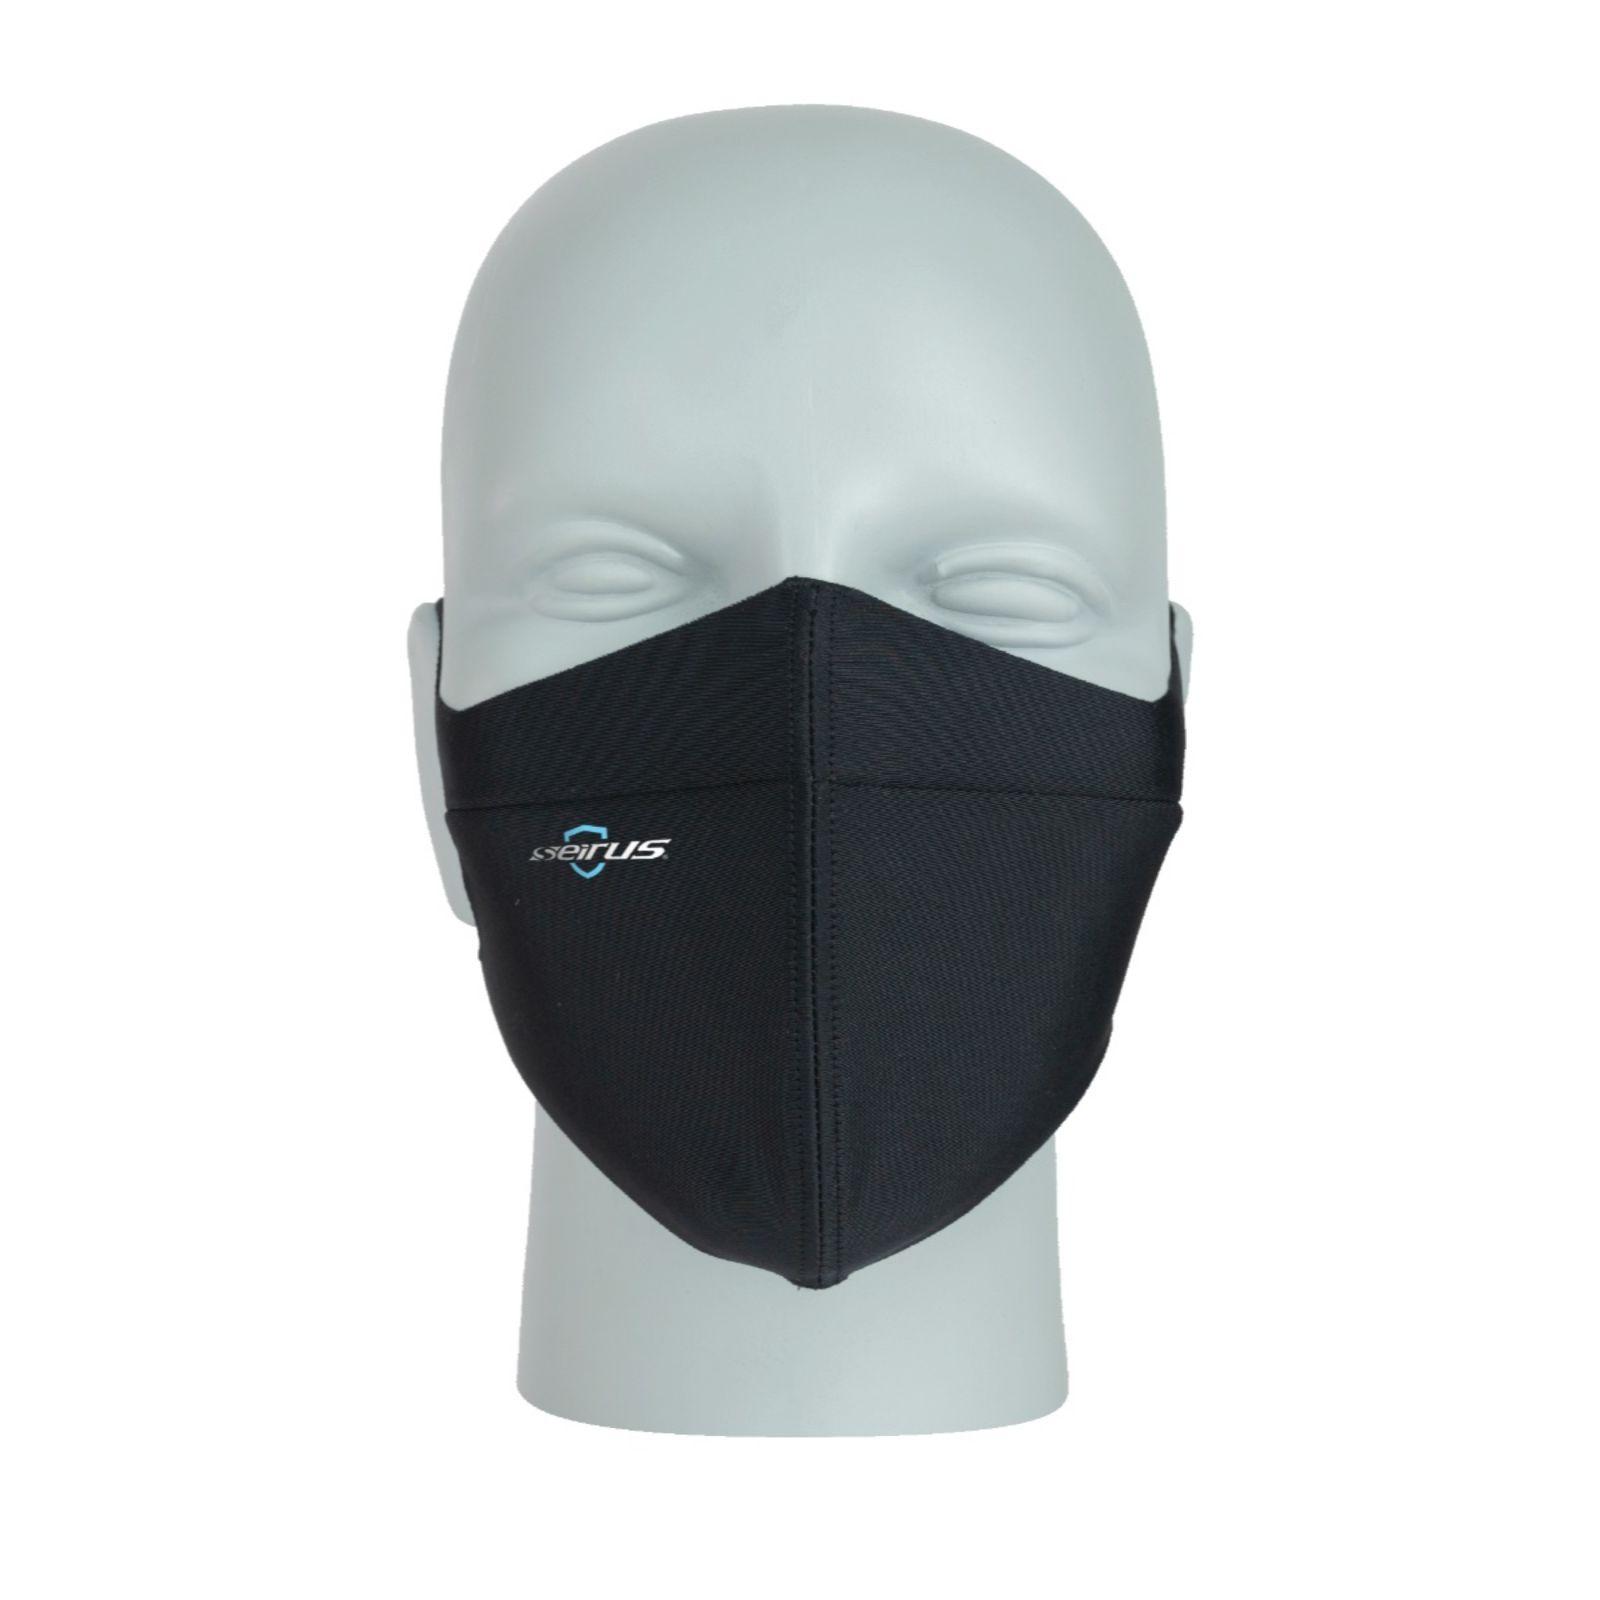 Seirus Evo Arc Masque Black Lg